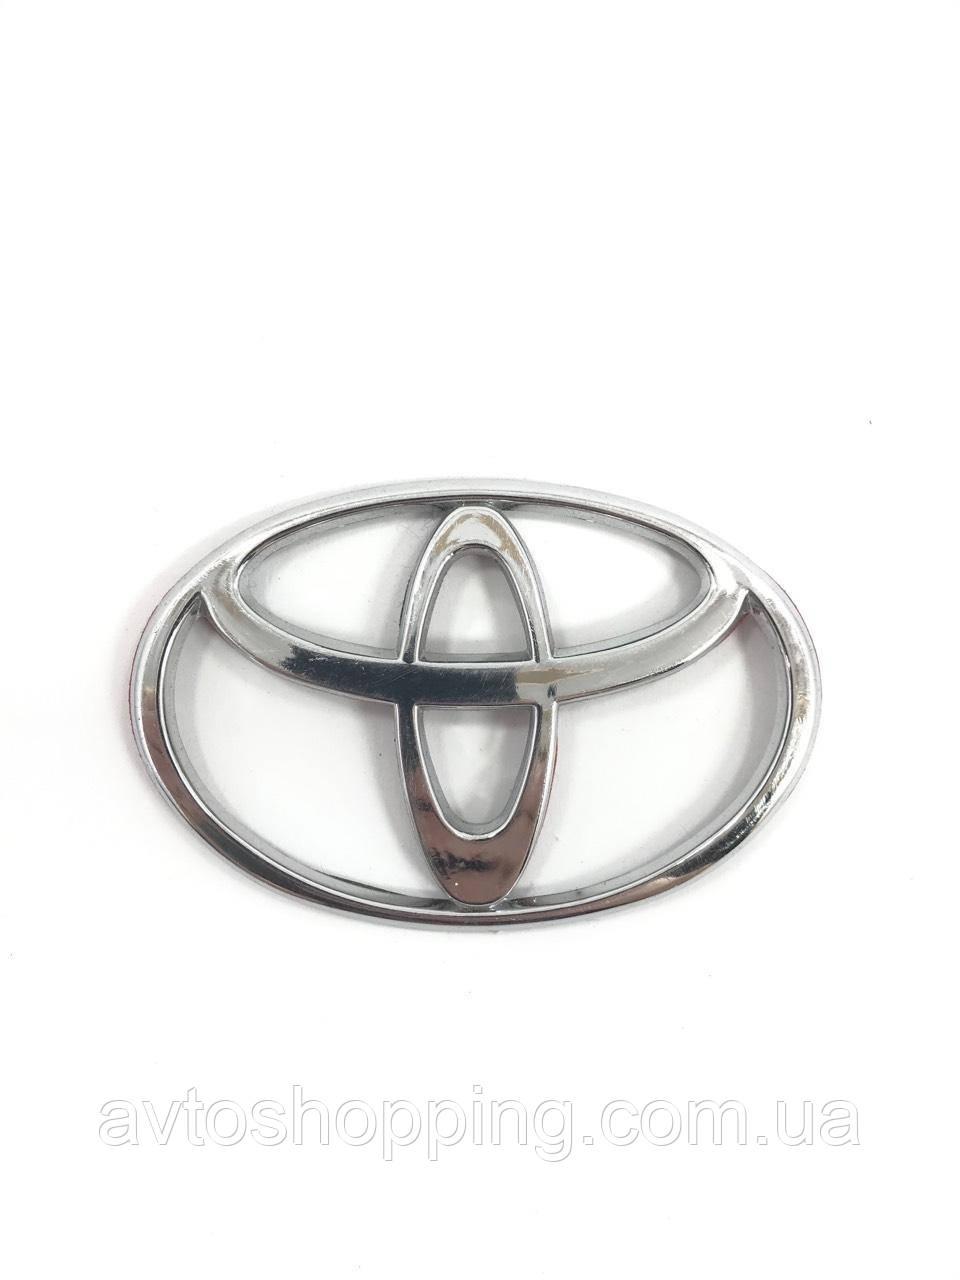 Значок емблему на капот,багажник Тойота Toyota 96*65 мм